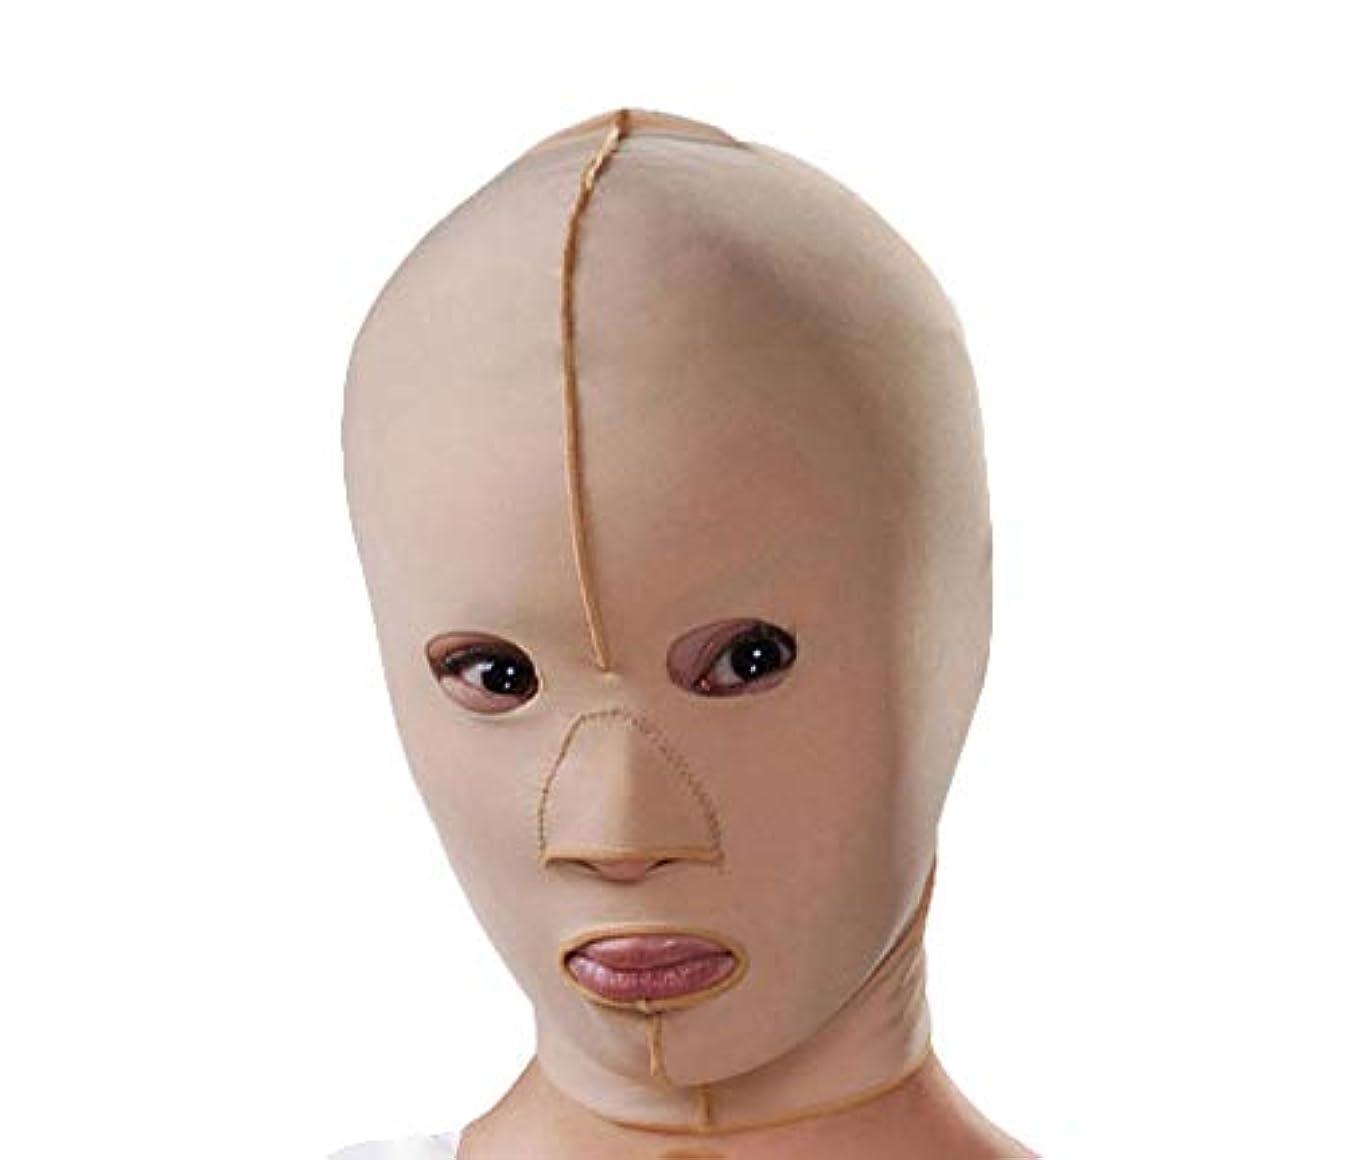 もう一度貫通する襲撃LJK 顔と首のリフト、減量強力なフェイスリフト弾性スリーブフェイシャルリフティング引き締め美容フェイシャル傷跡リハビリフルフェイスマスク (Size : L)